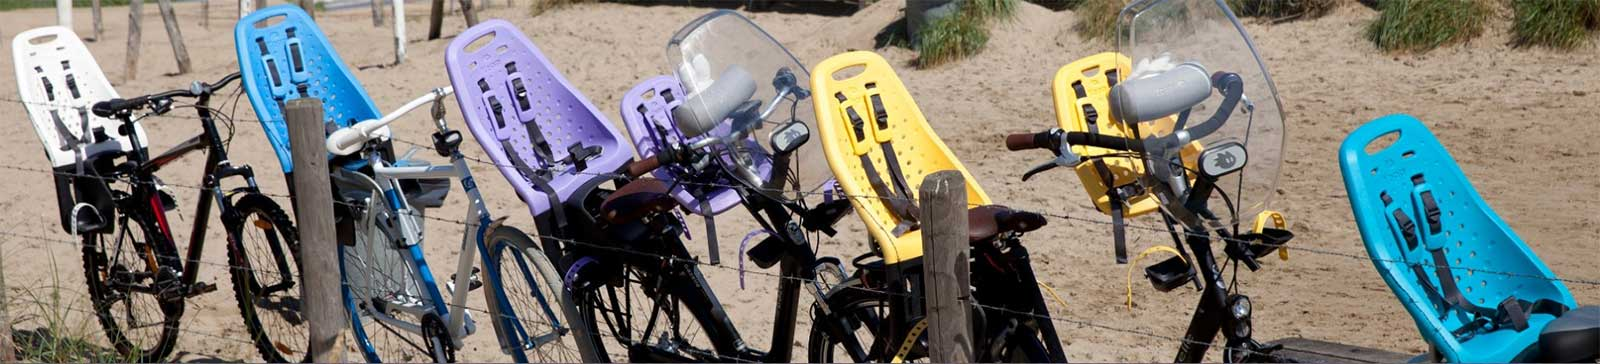 Quel Porte Bébé Vélo Choisir Tests Et Avis Pour Trouver Le Meilleur - Porte bébé pour vélo